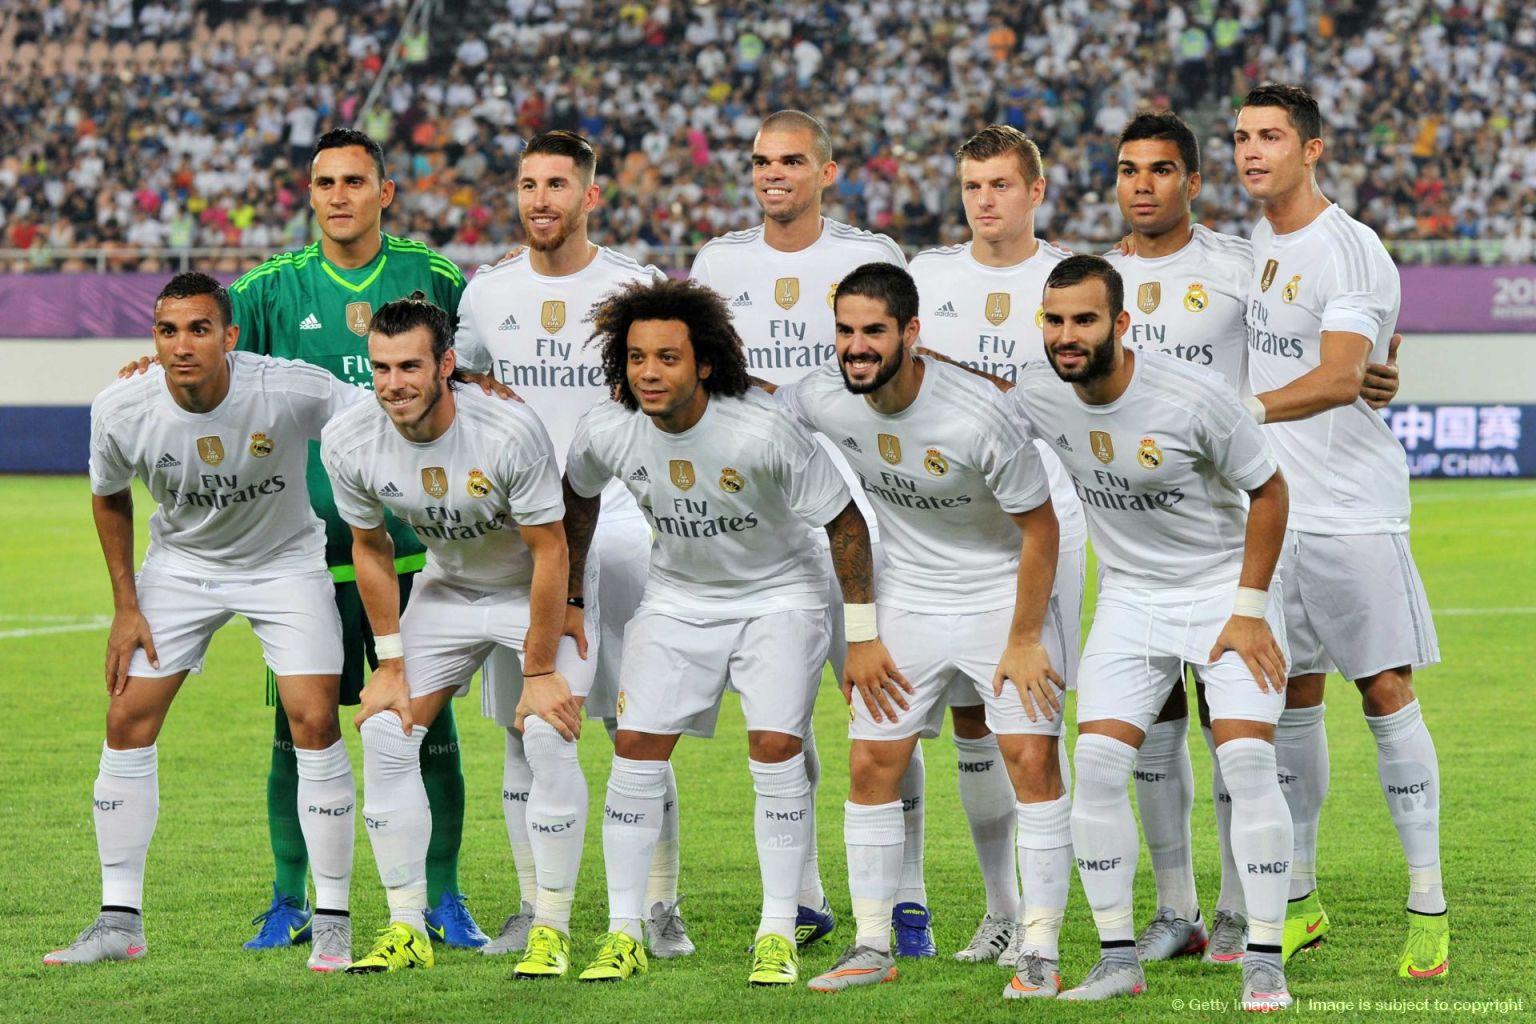 فريق: ريال مدريد